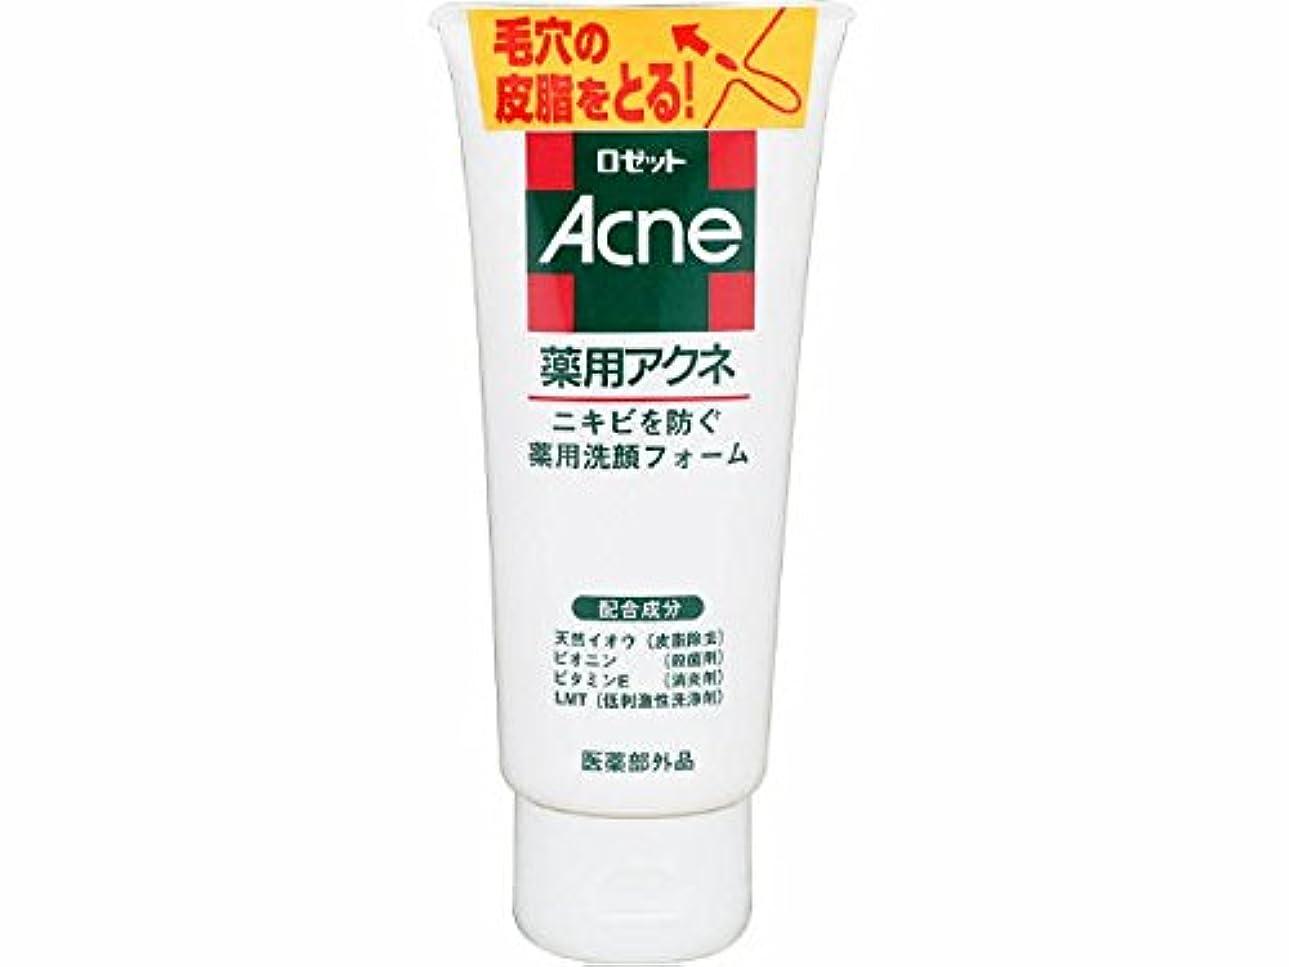 重要損なうドアロゼット 薬用アクネ 洗顔フォーム 130g 医薬部外品 ニキビを防ぐ洗顔フォーム×48点セット (4901696105115)